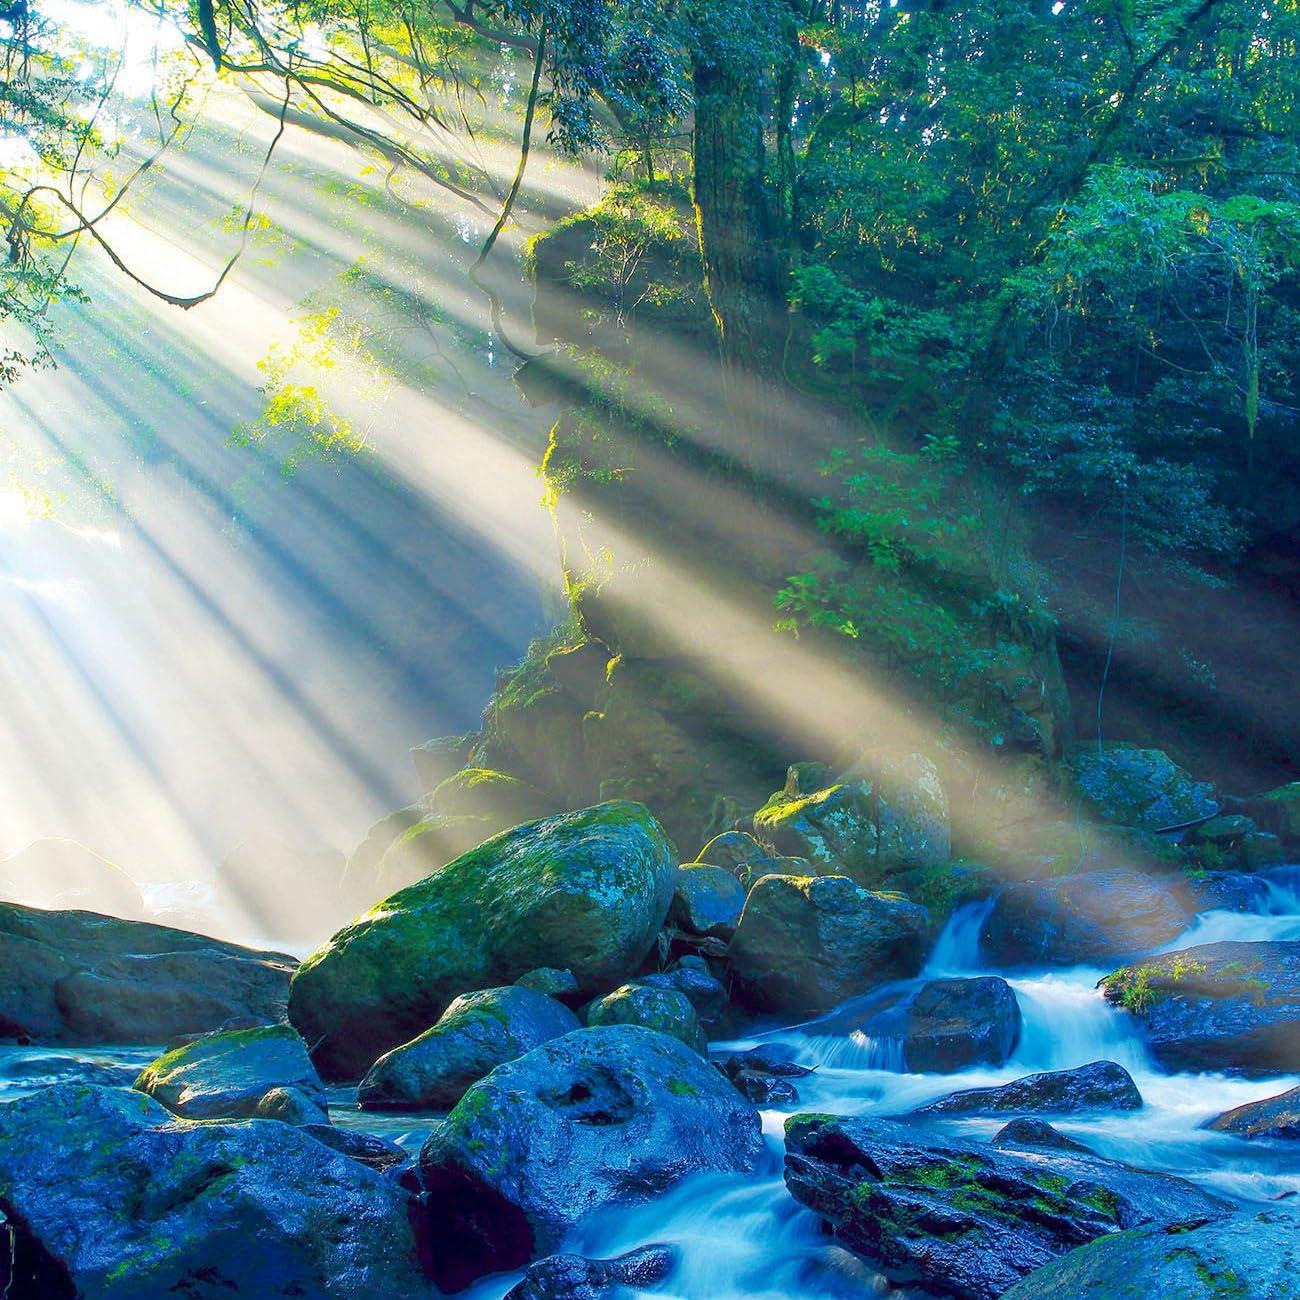 森 Ipad壁紙 渓谷に差し込む光が 夫婦滝からの清流を神秘的な情景に